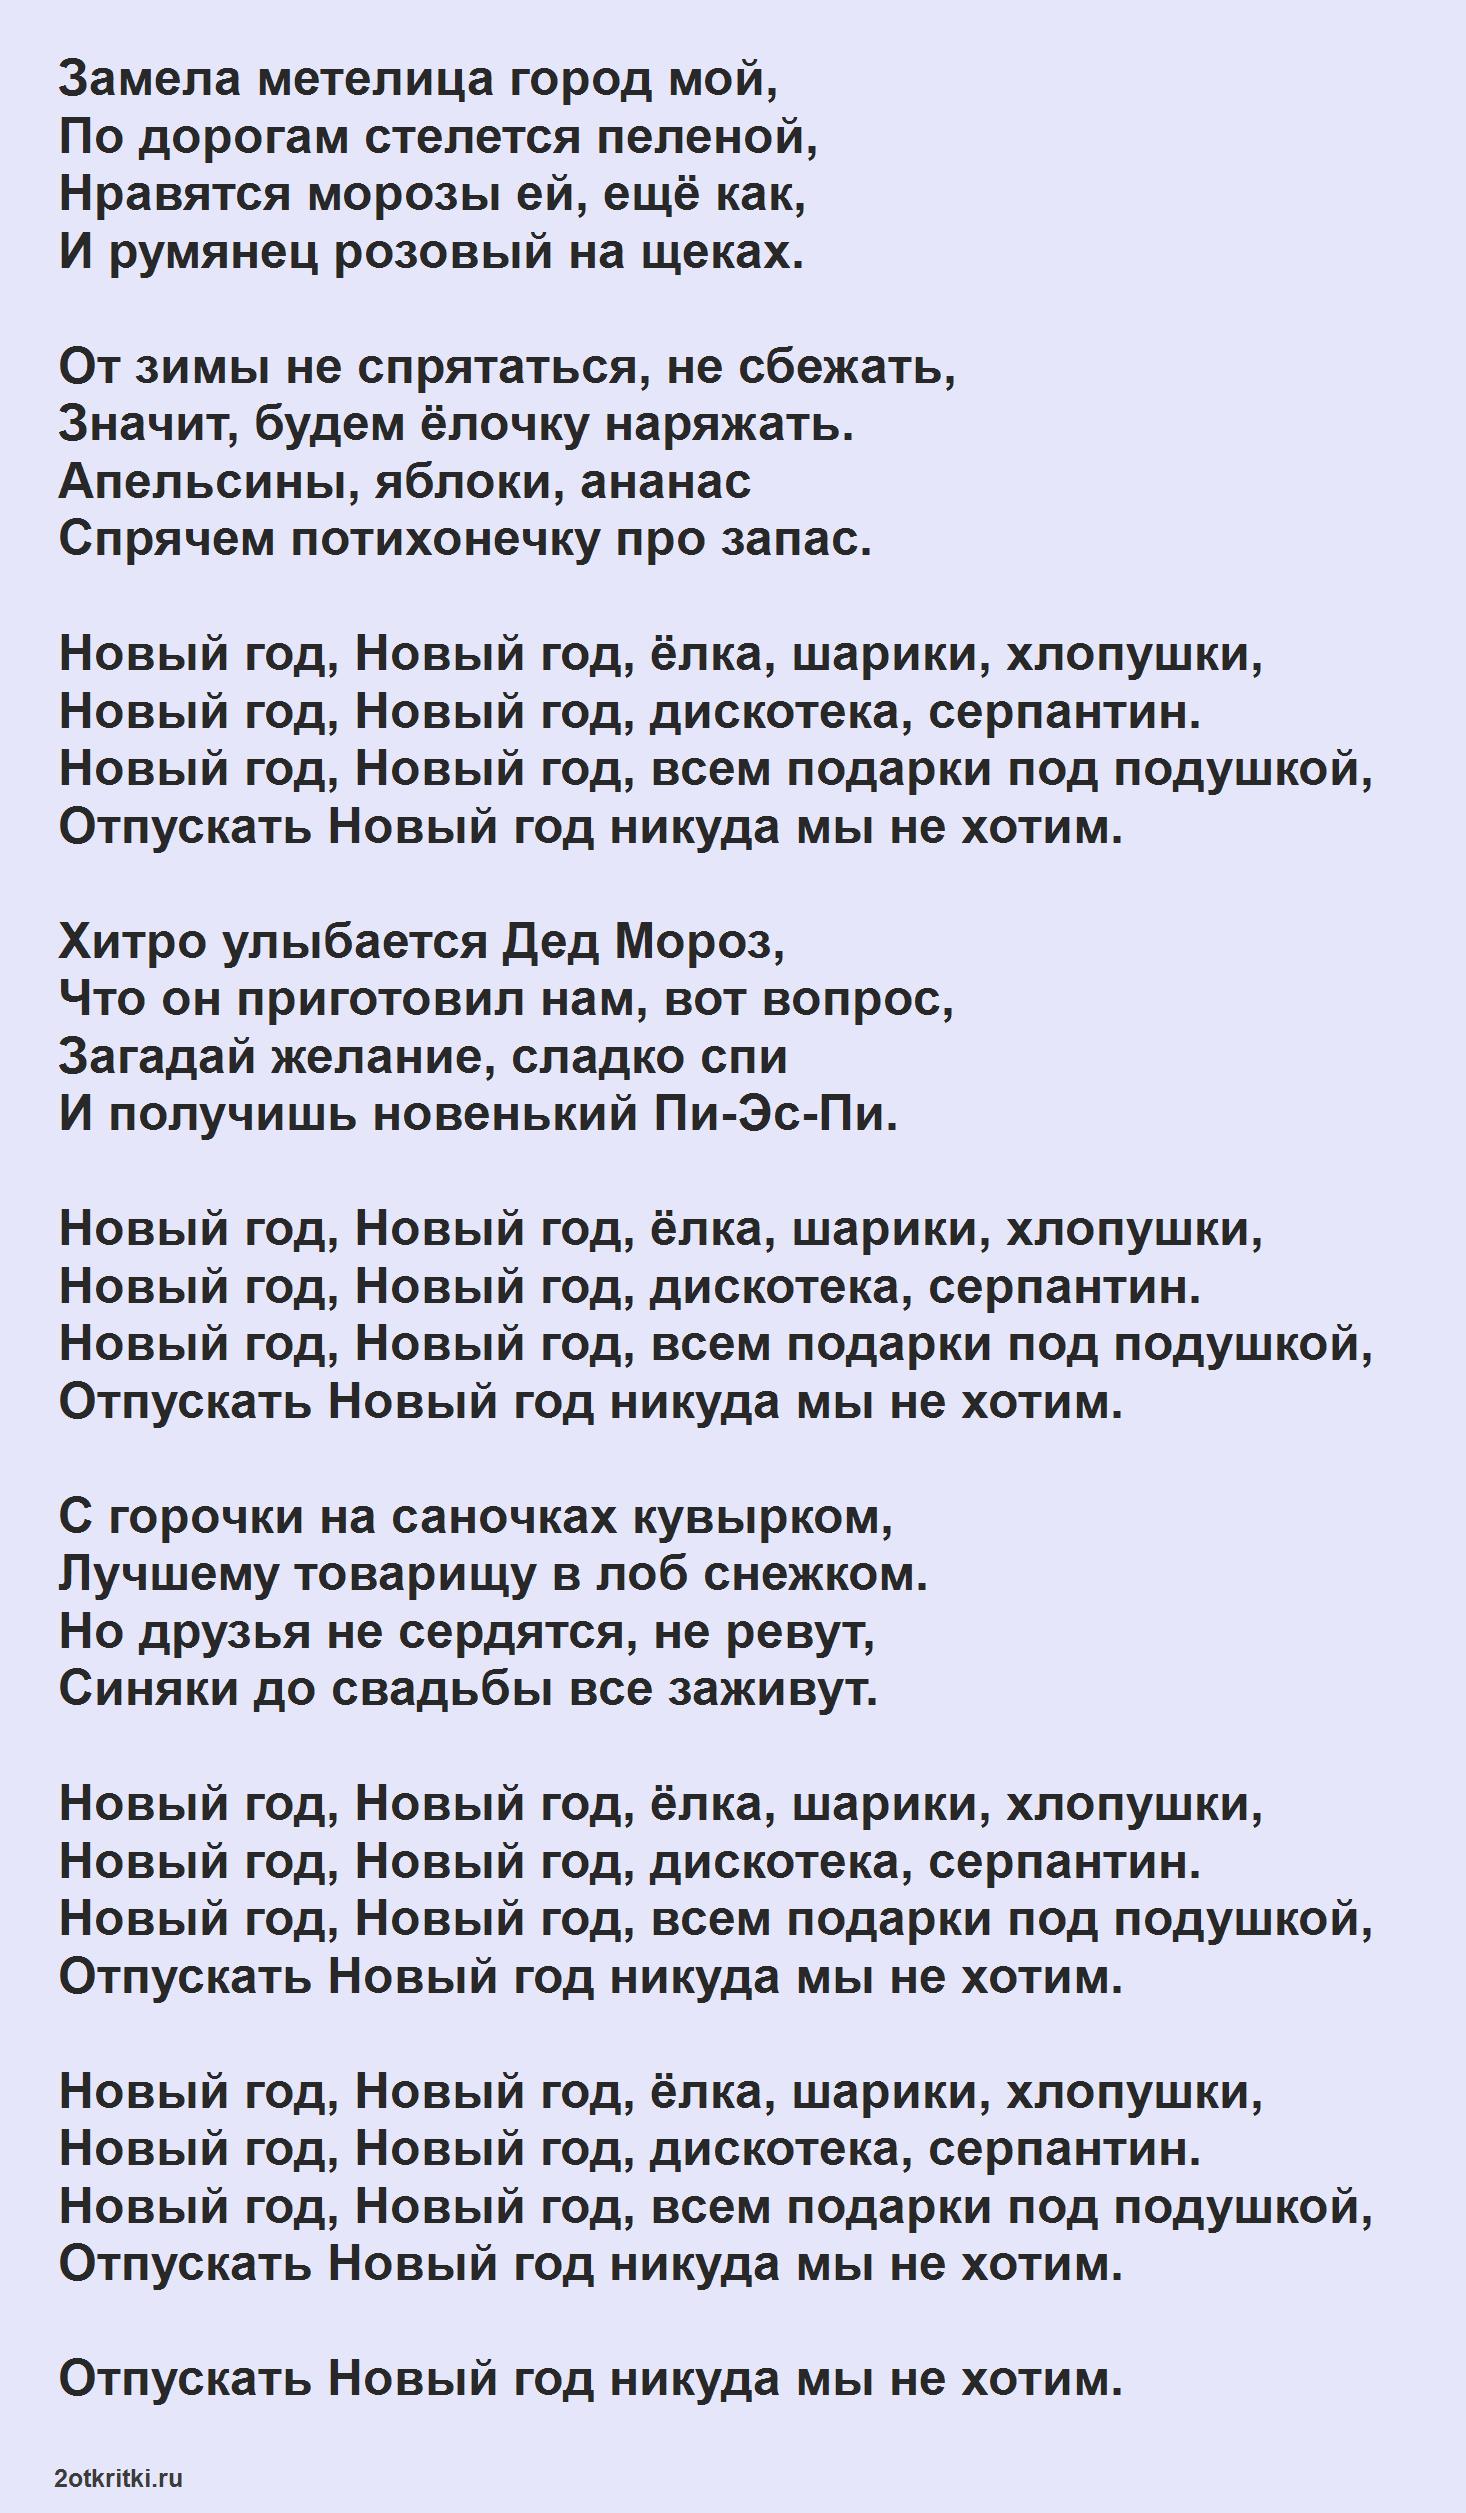 Песня с Новым годом - Елка, шарики, хлопушки